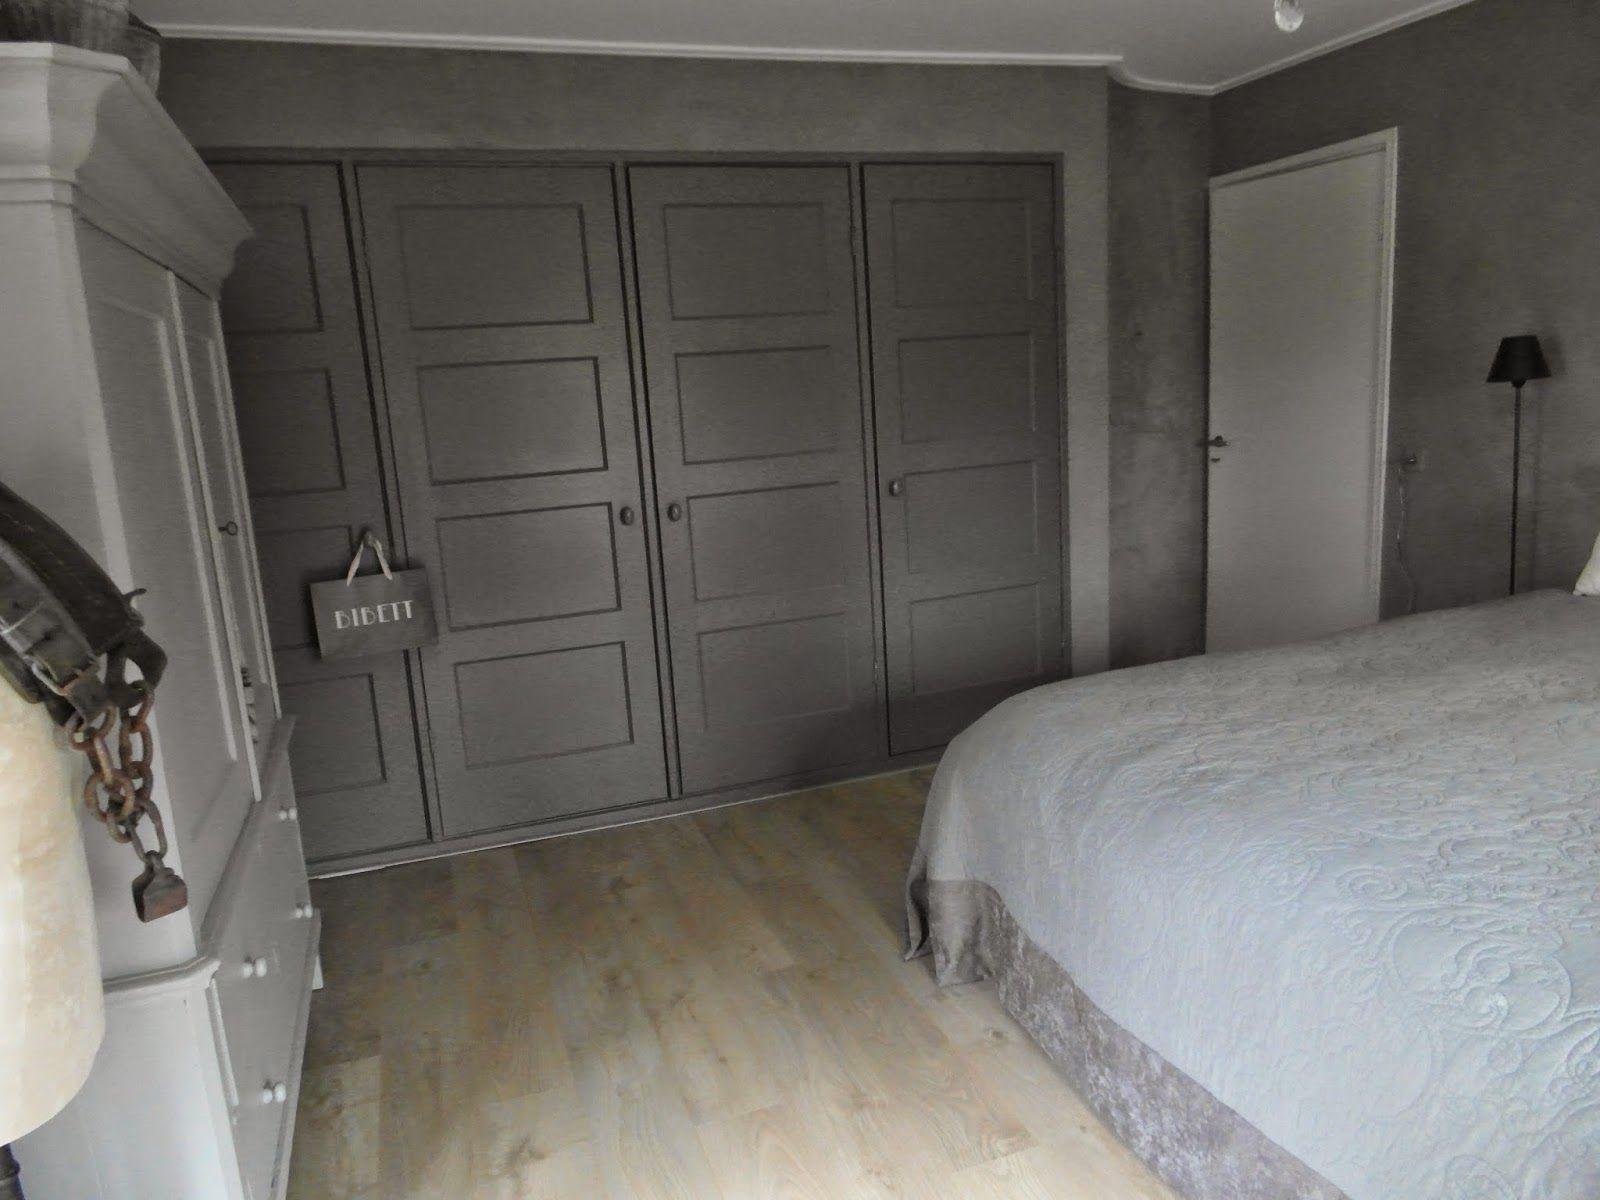 Gordijnen In Slaapkamer : Easyliving gordijnen en slaapkamer luiken bedrooms